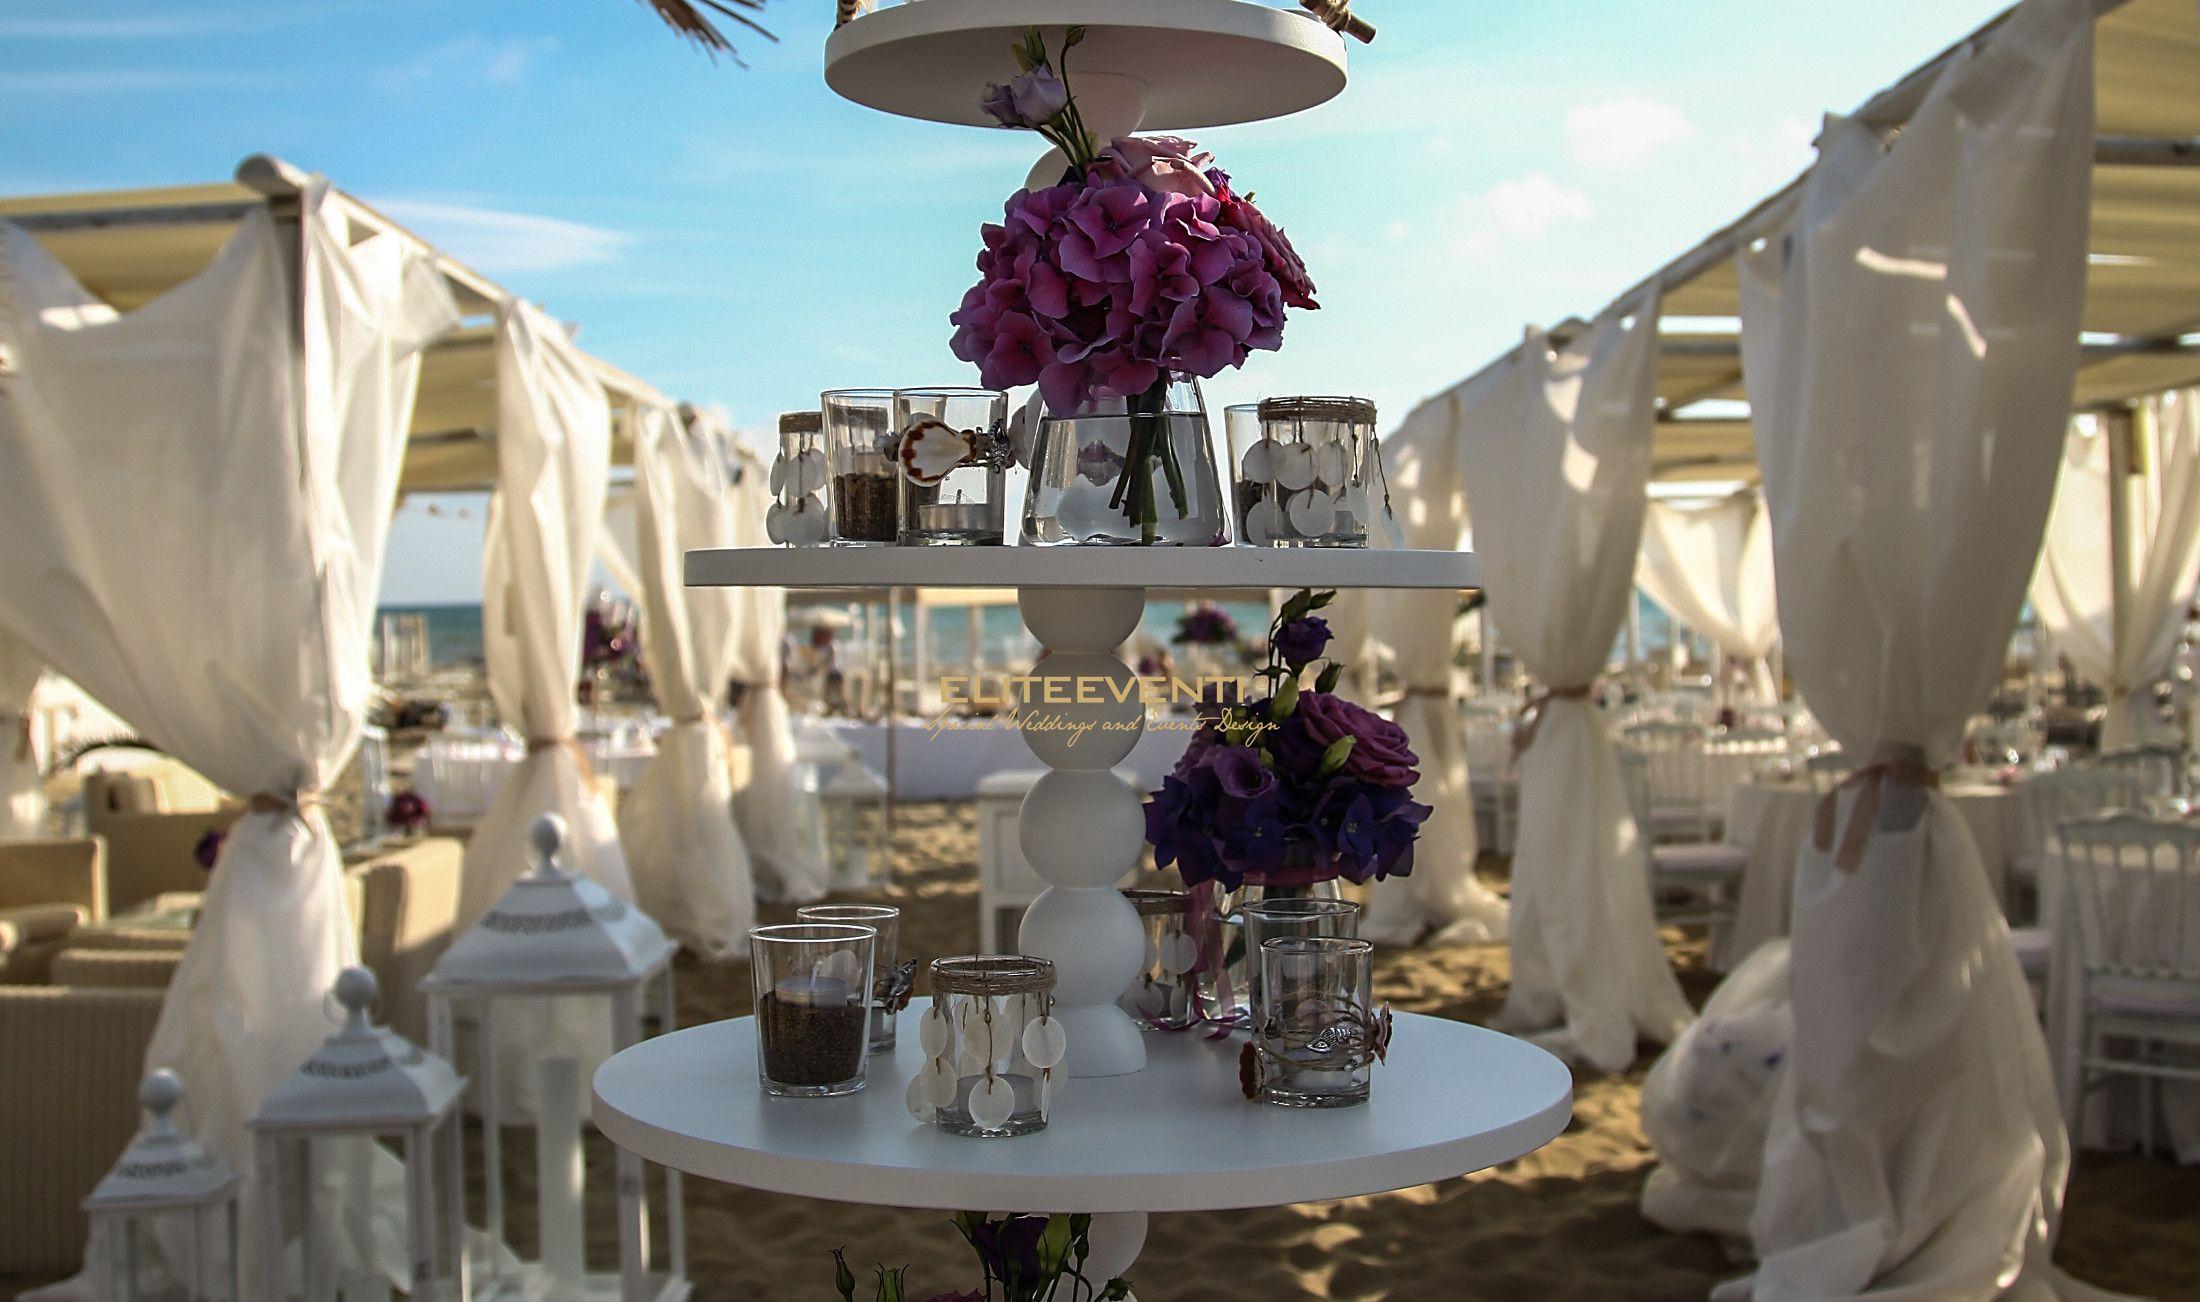 Arredi_e_decori_matrimonio_in_spiaggia_eliteeventi